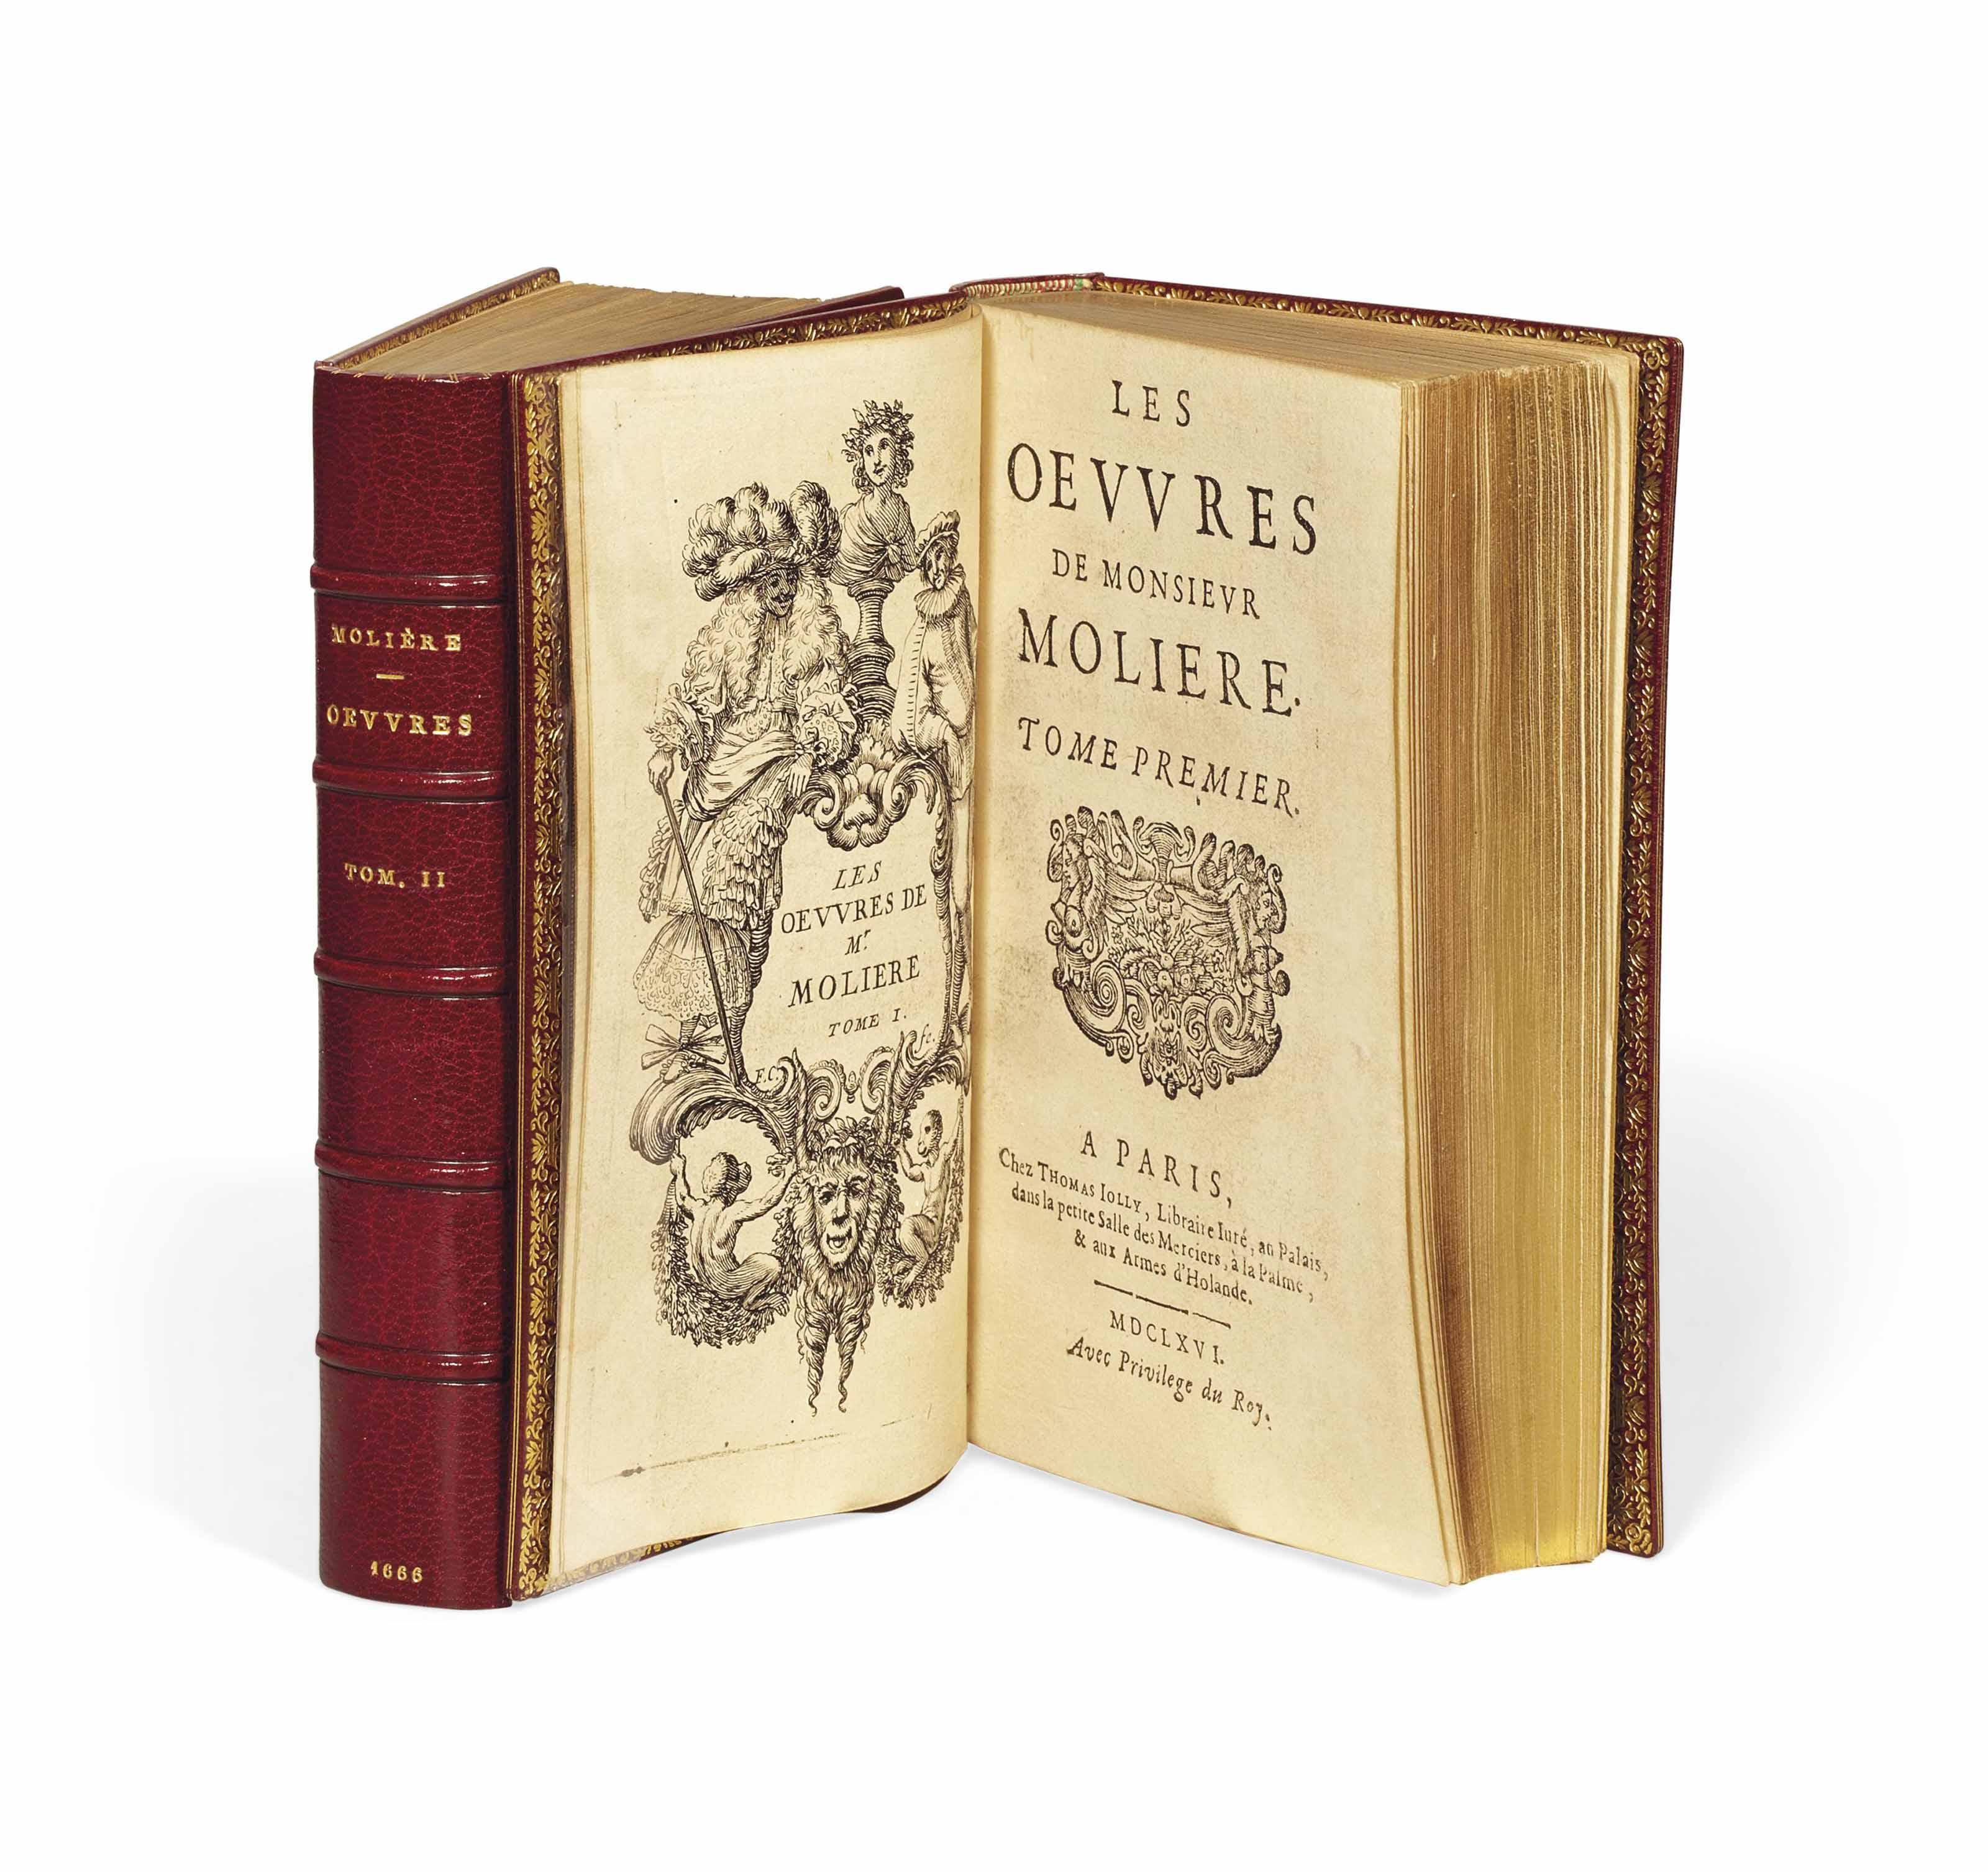 MOLIÈRE (1622-1673). Les Oeuvres. Paris: Thomas Jolly [tome I] et Louis Billaine [tome II], 1666 [achevé d'imprimer au 23 mars].